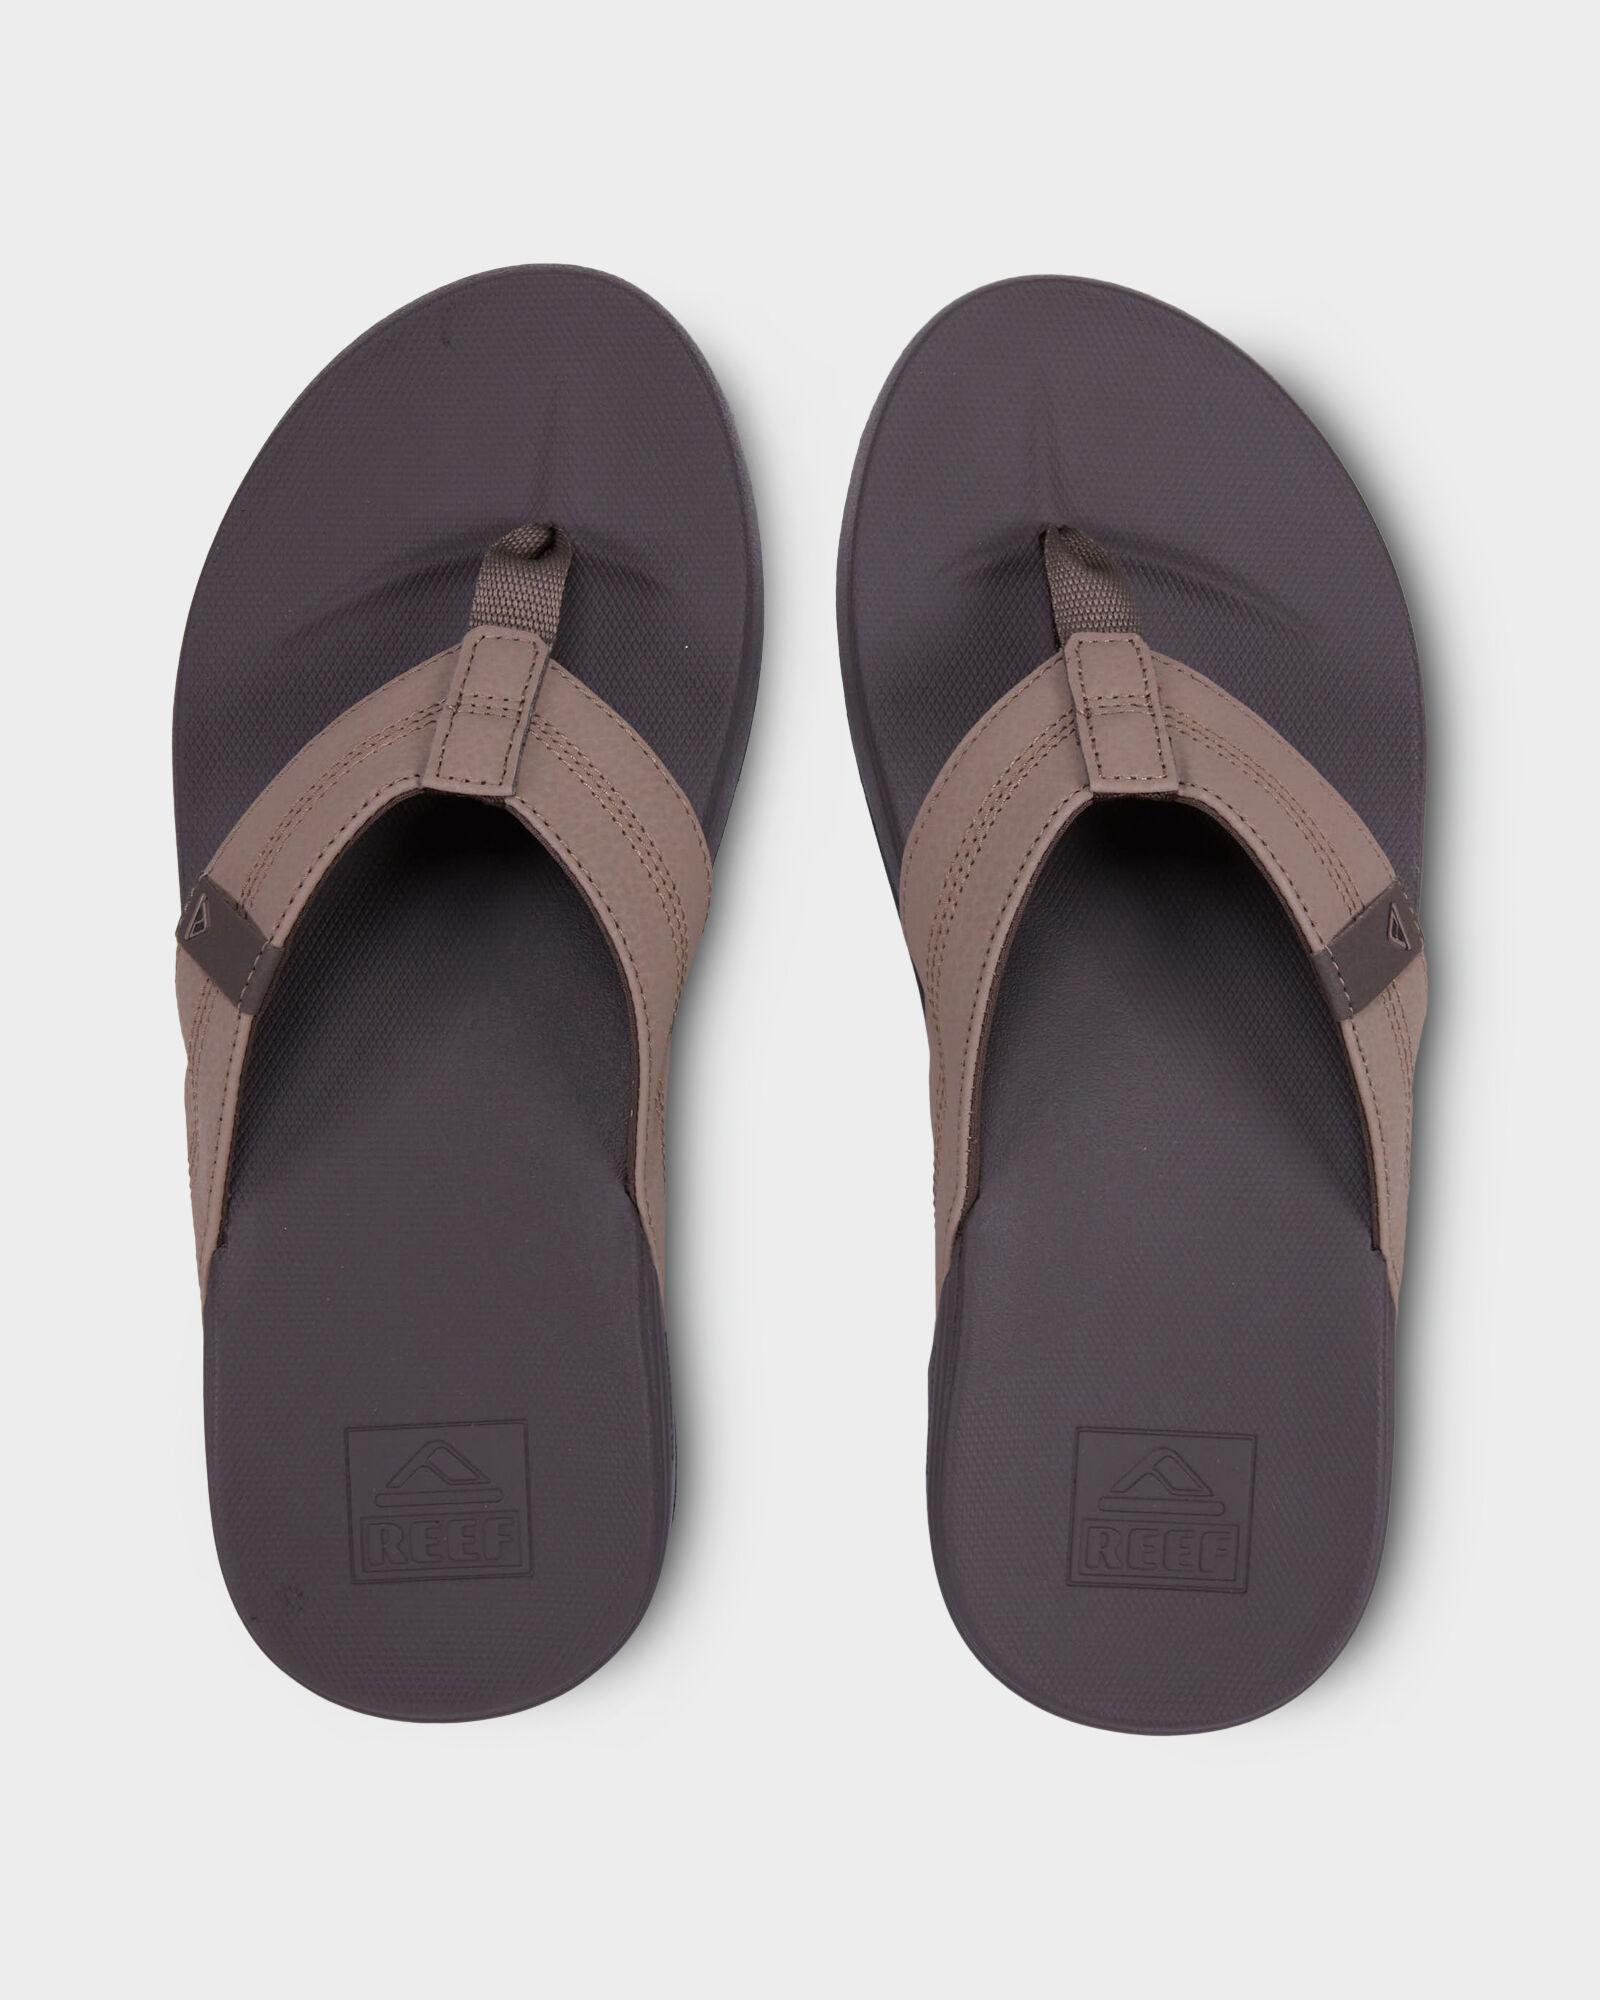 6b5ec1f5787b Reef shop reef shoes more online sds jpg 460x575 Reef thongs